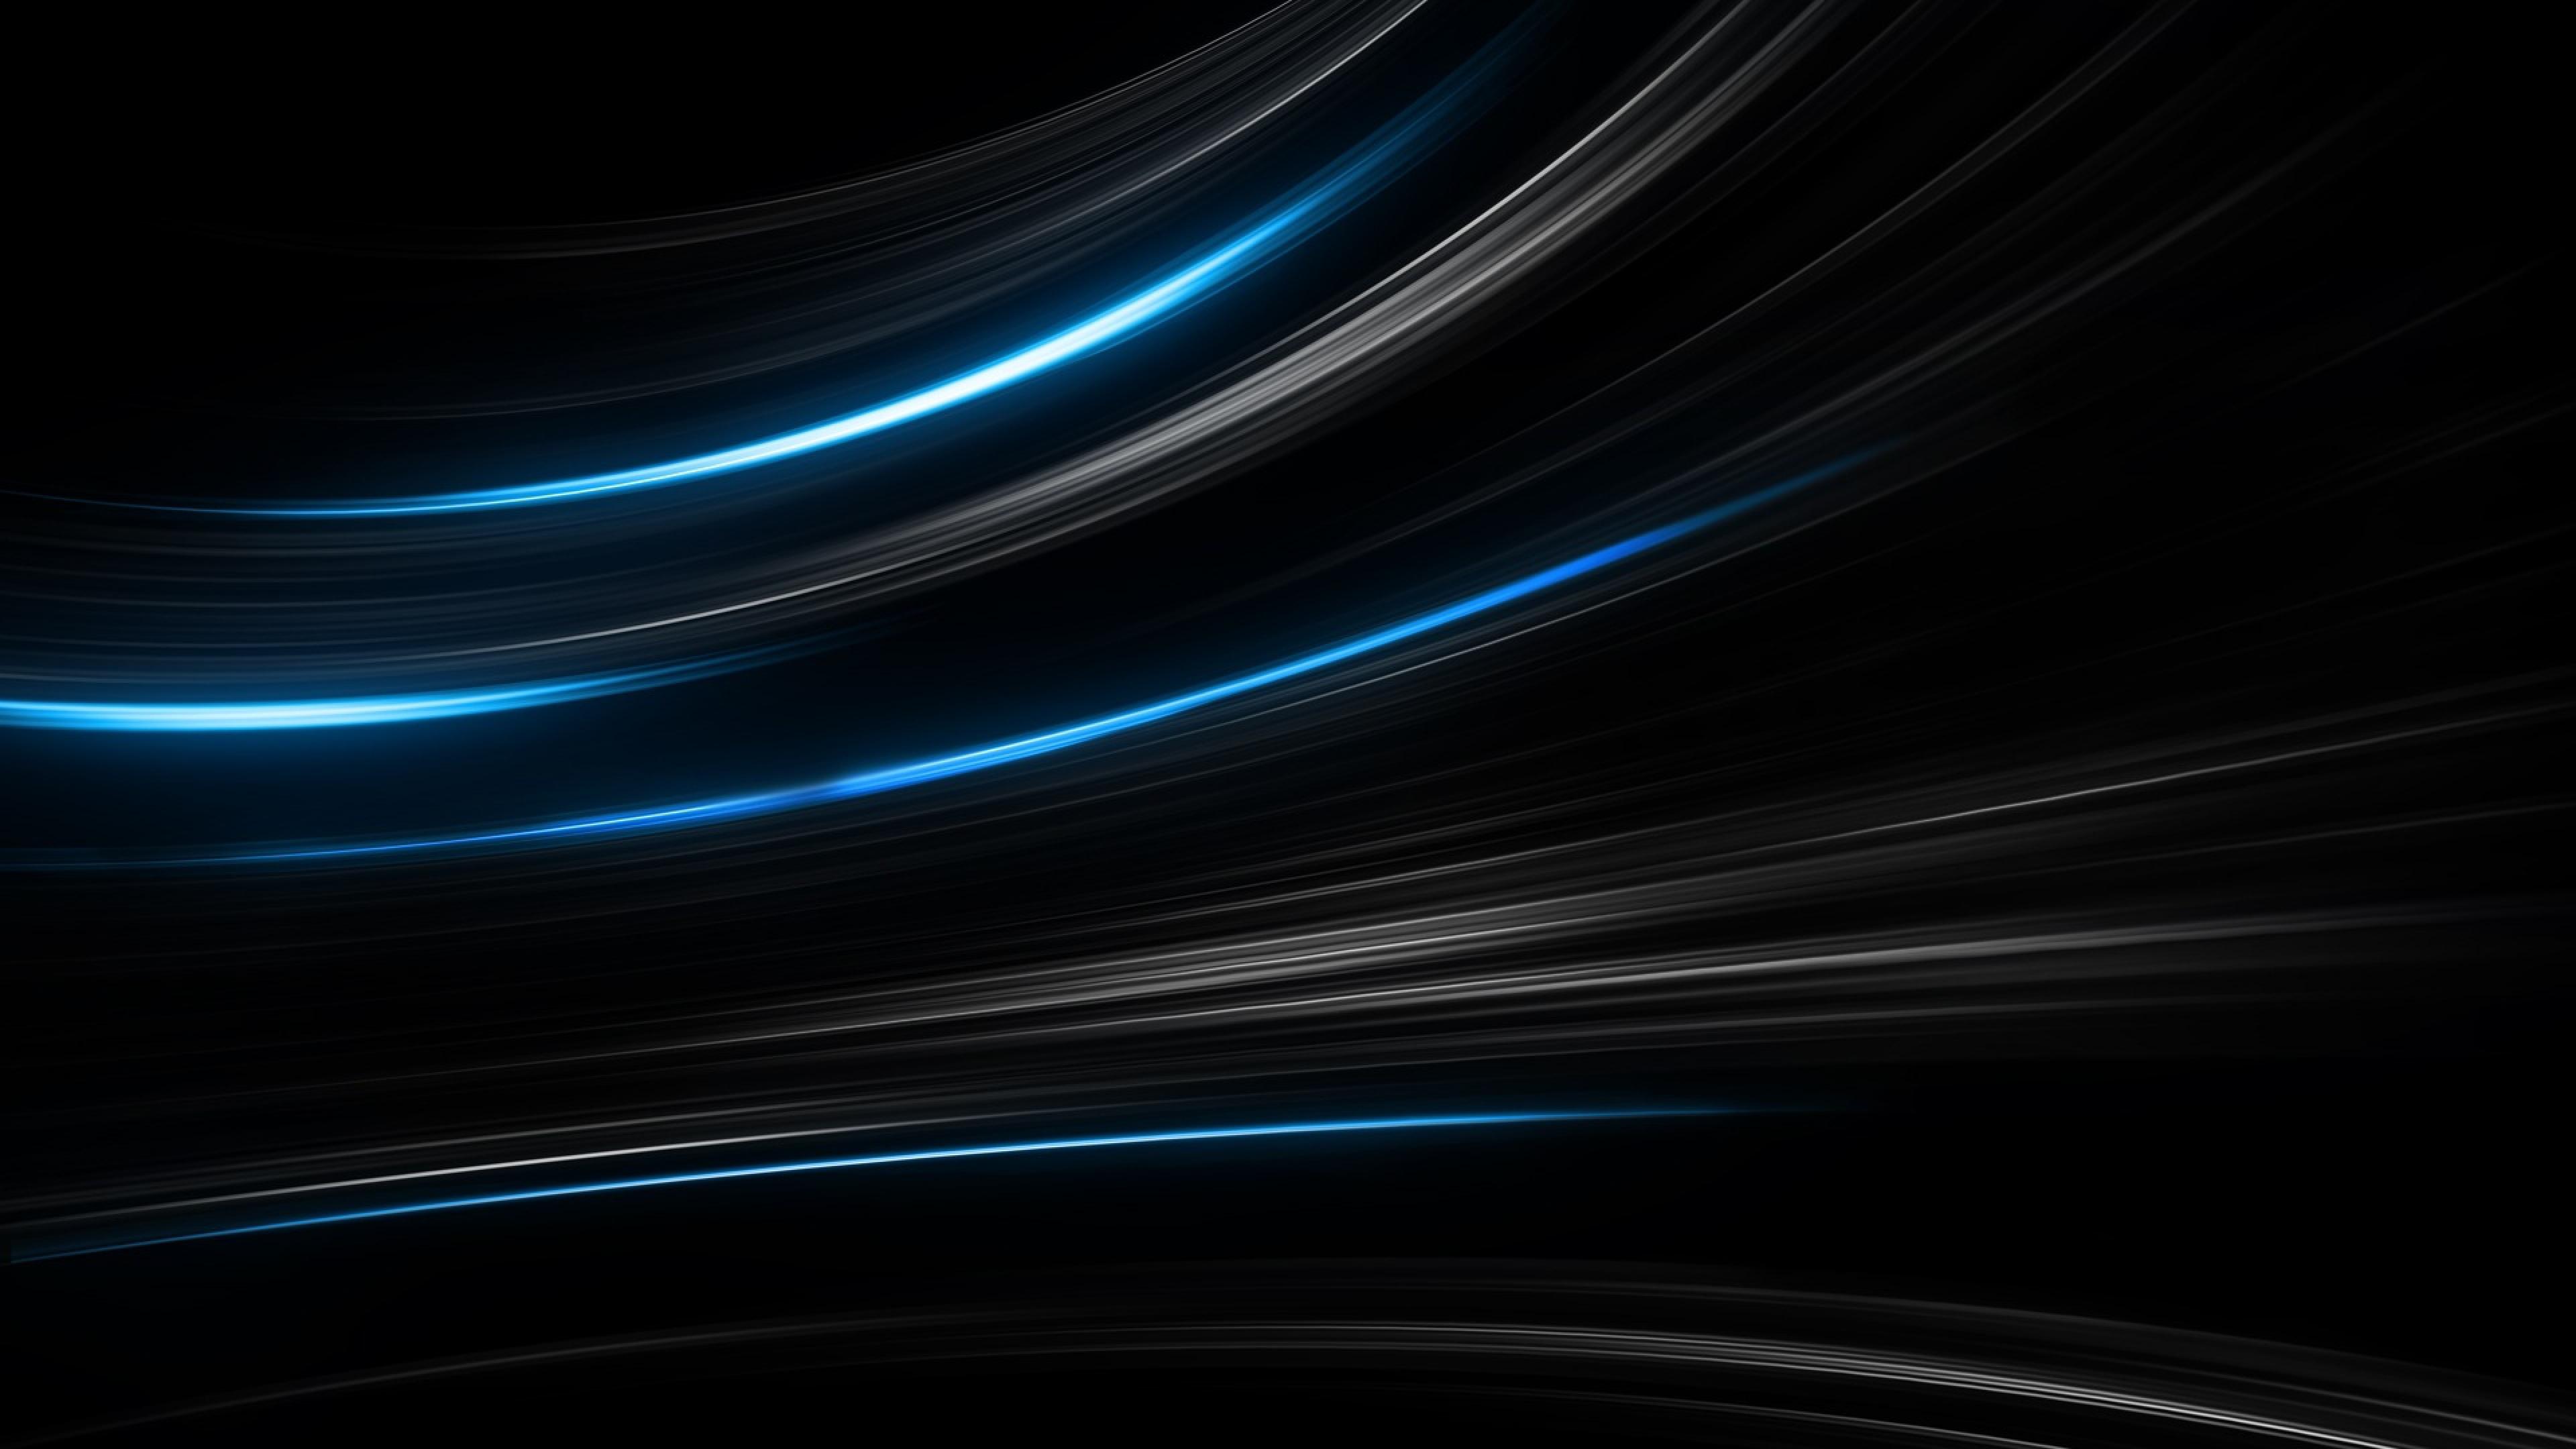 Черно-синие линии  № 2328035 бесплатно